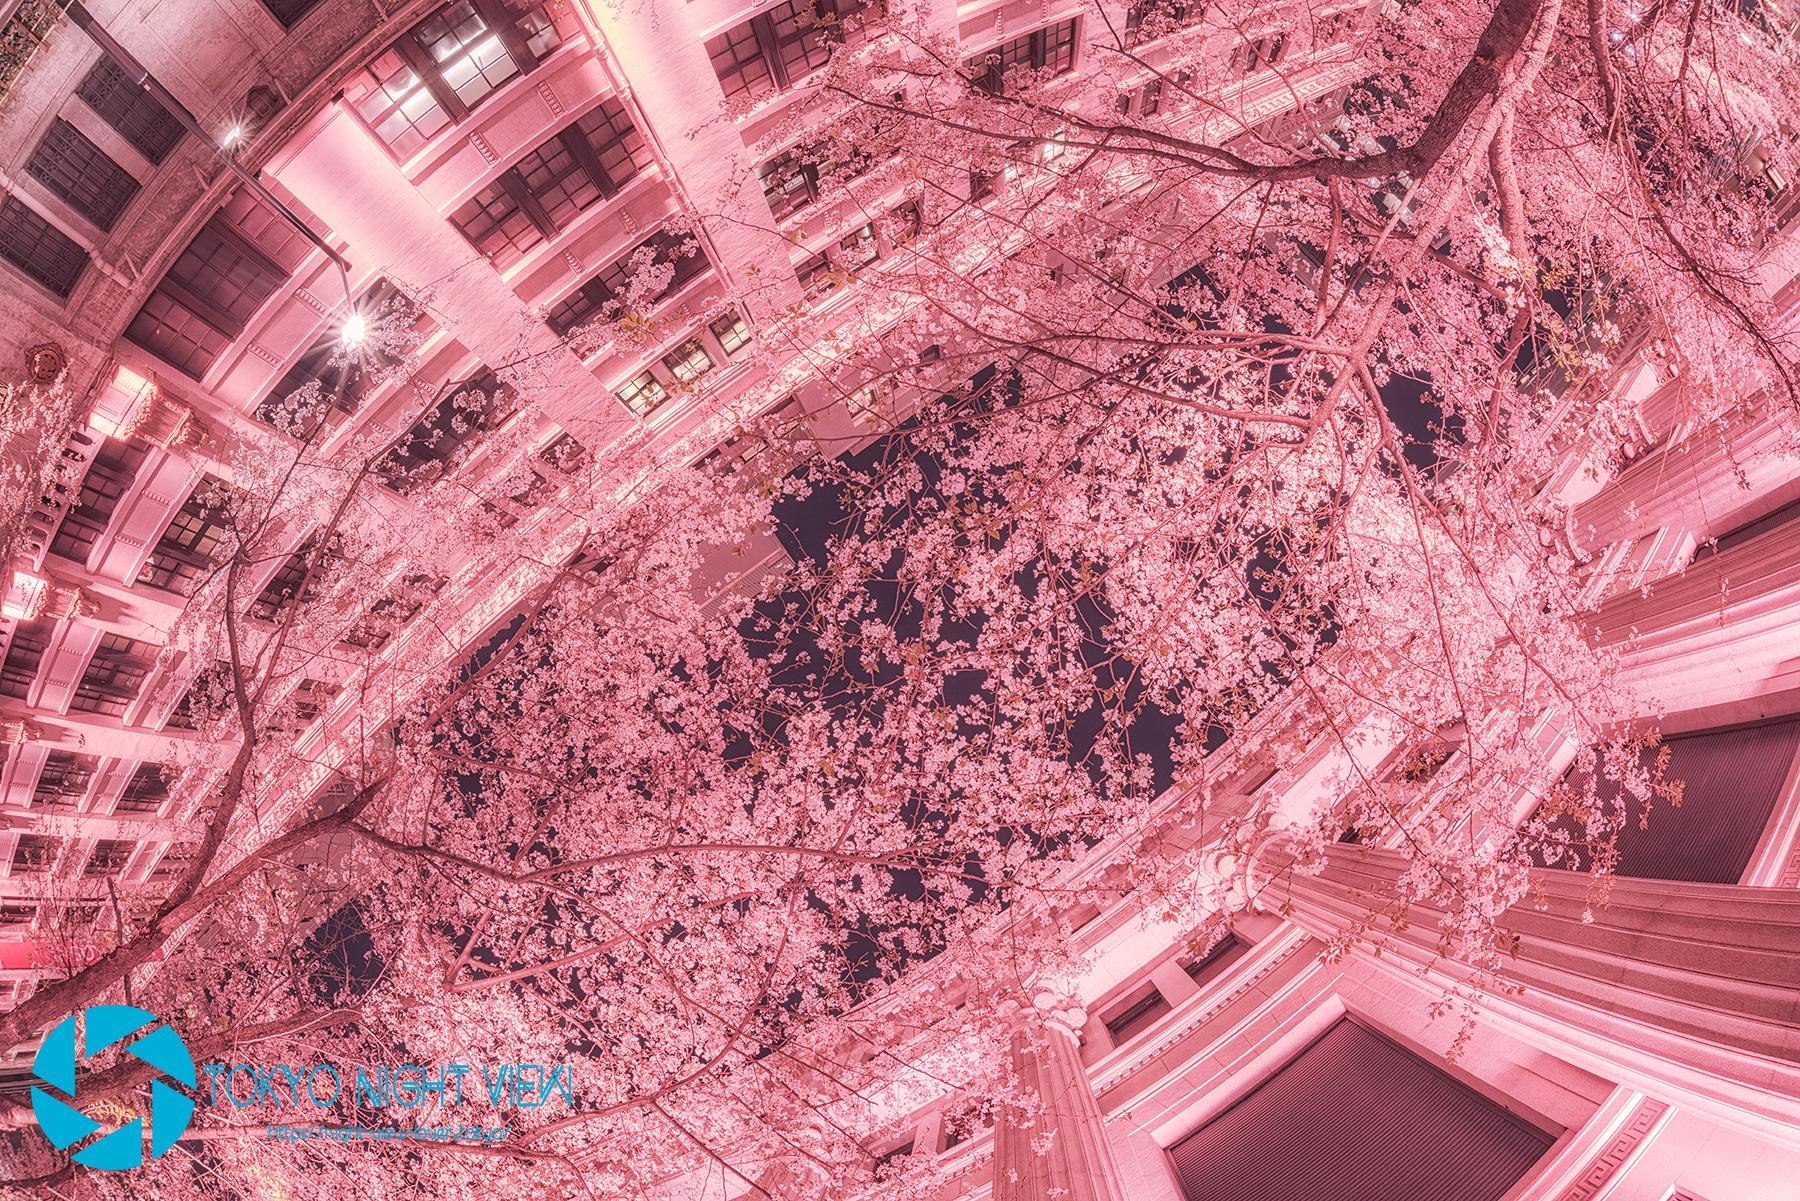 歴史的建築には和の桜が似合いますね